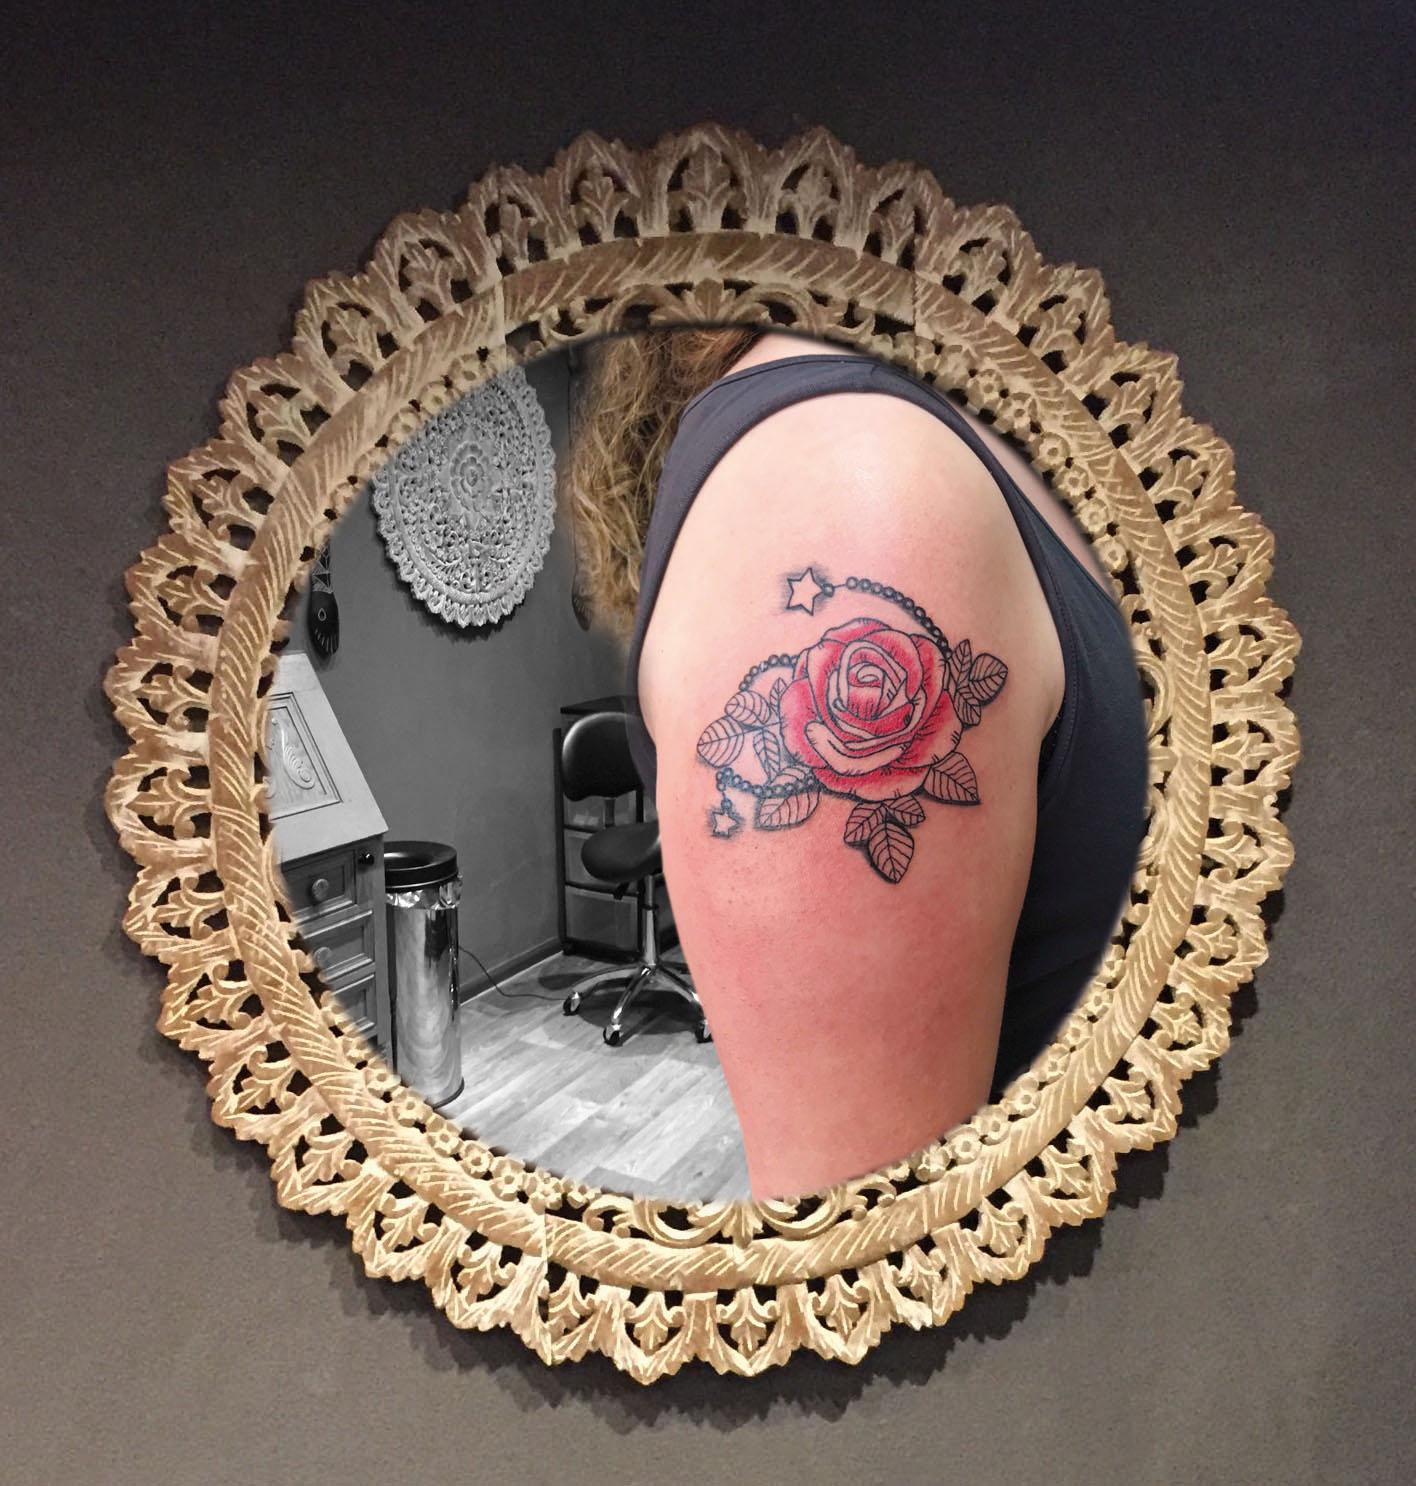 Roos met rozenkrans